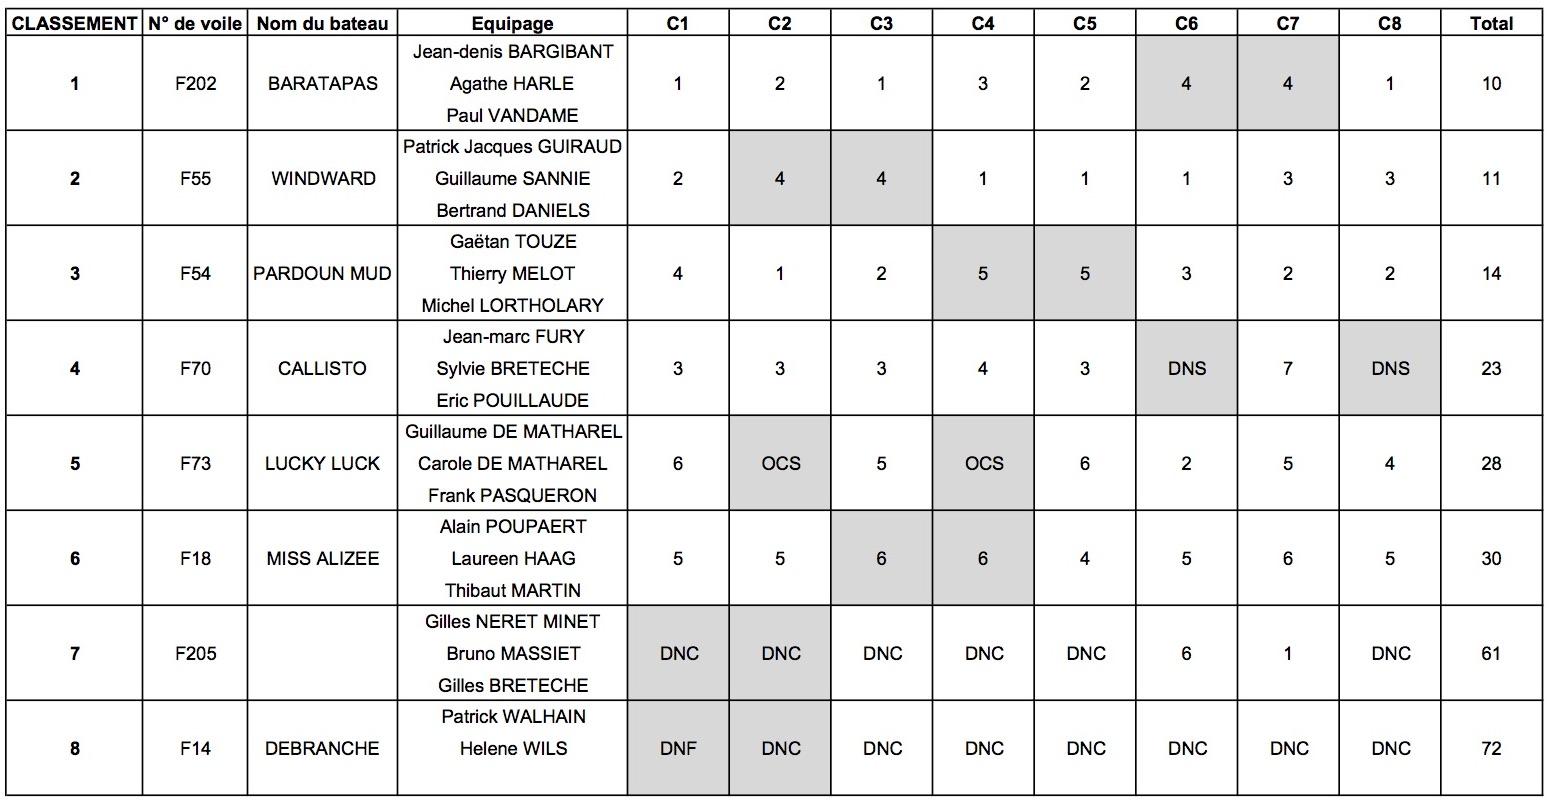 2016_CVP classement monotype